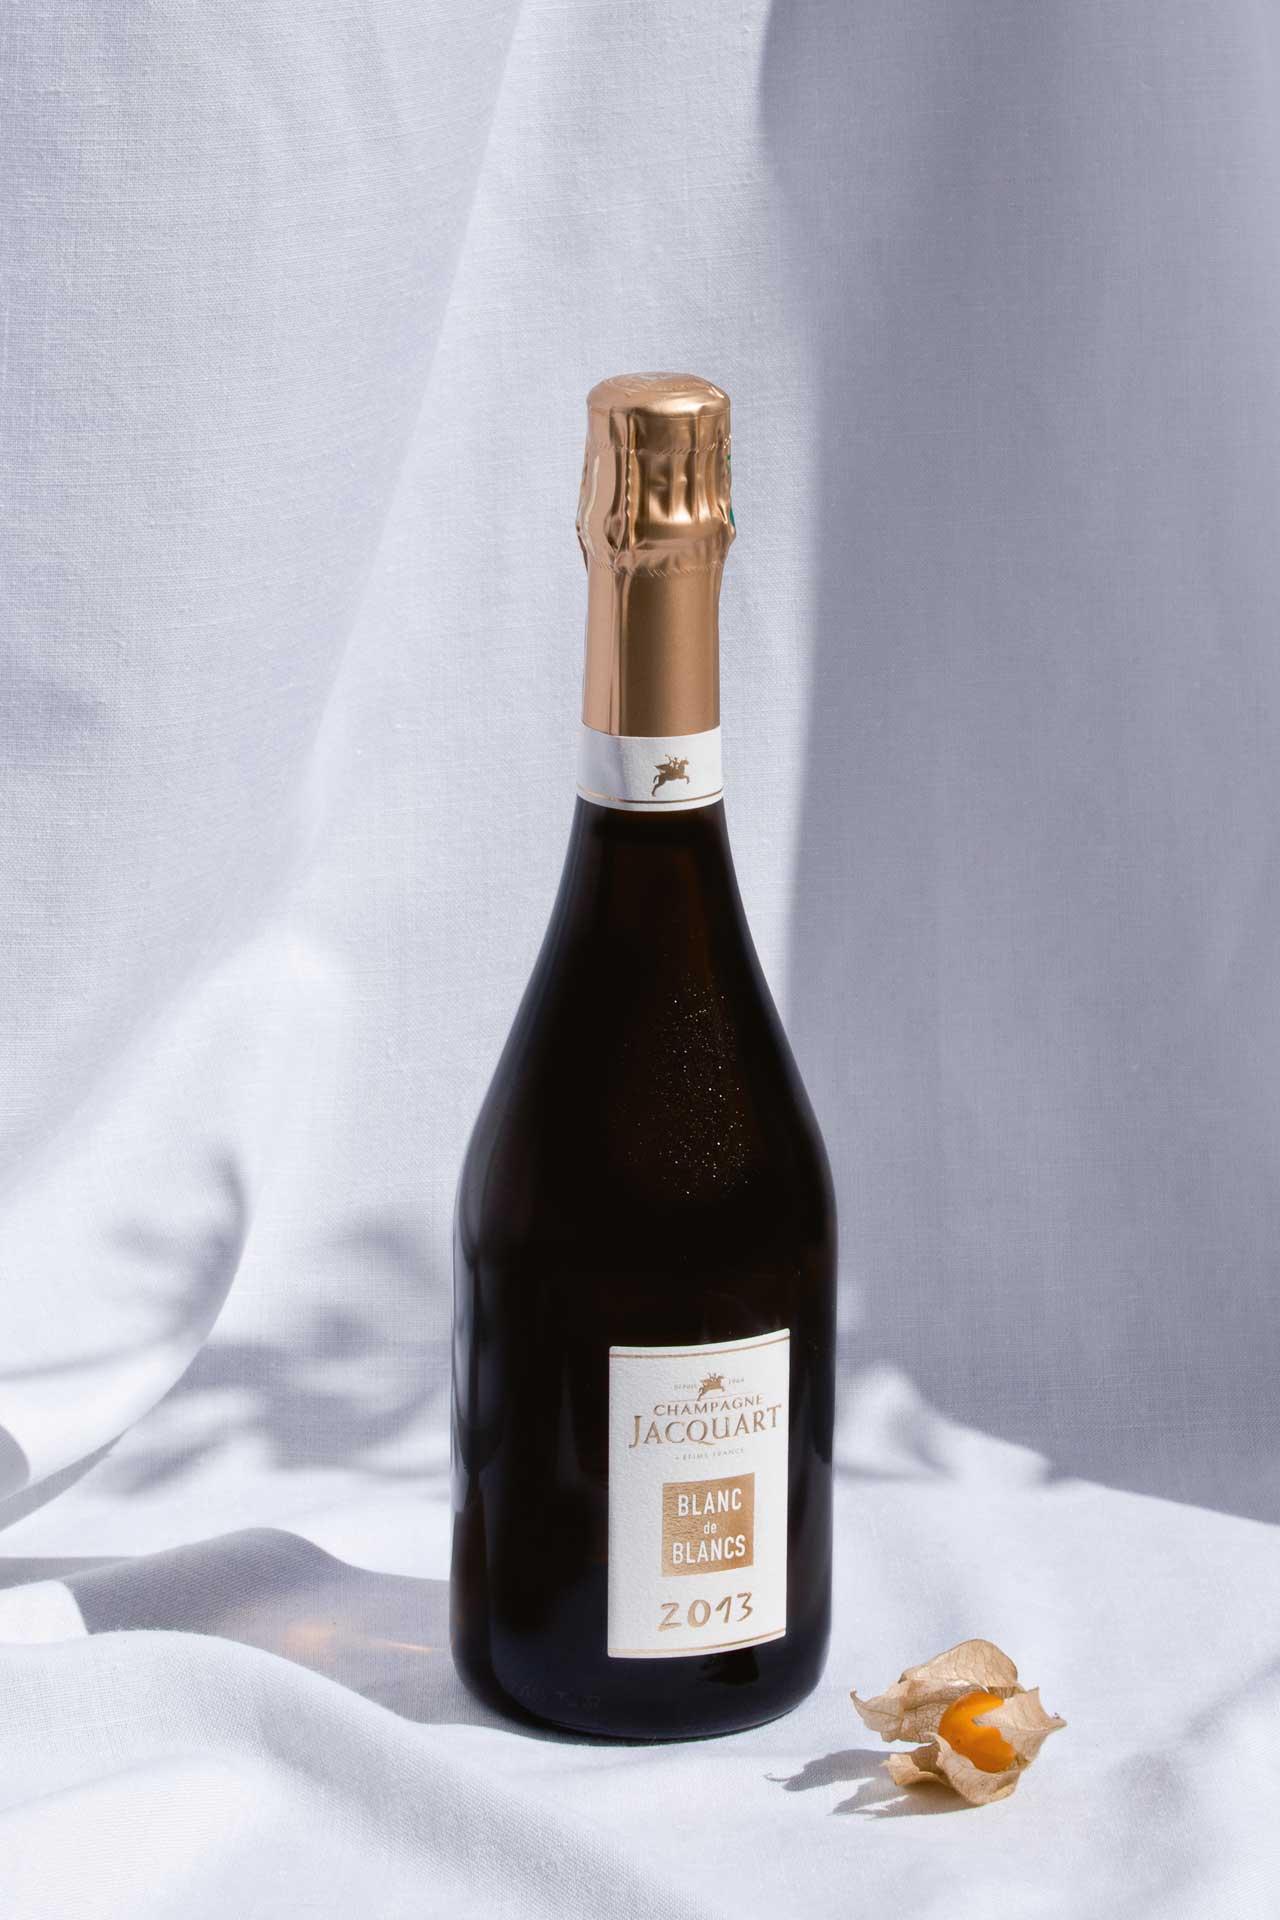 A bottle of Champagne Jacquart's Blanc de Blancs 2013